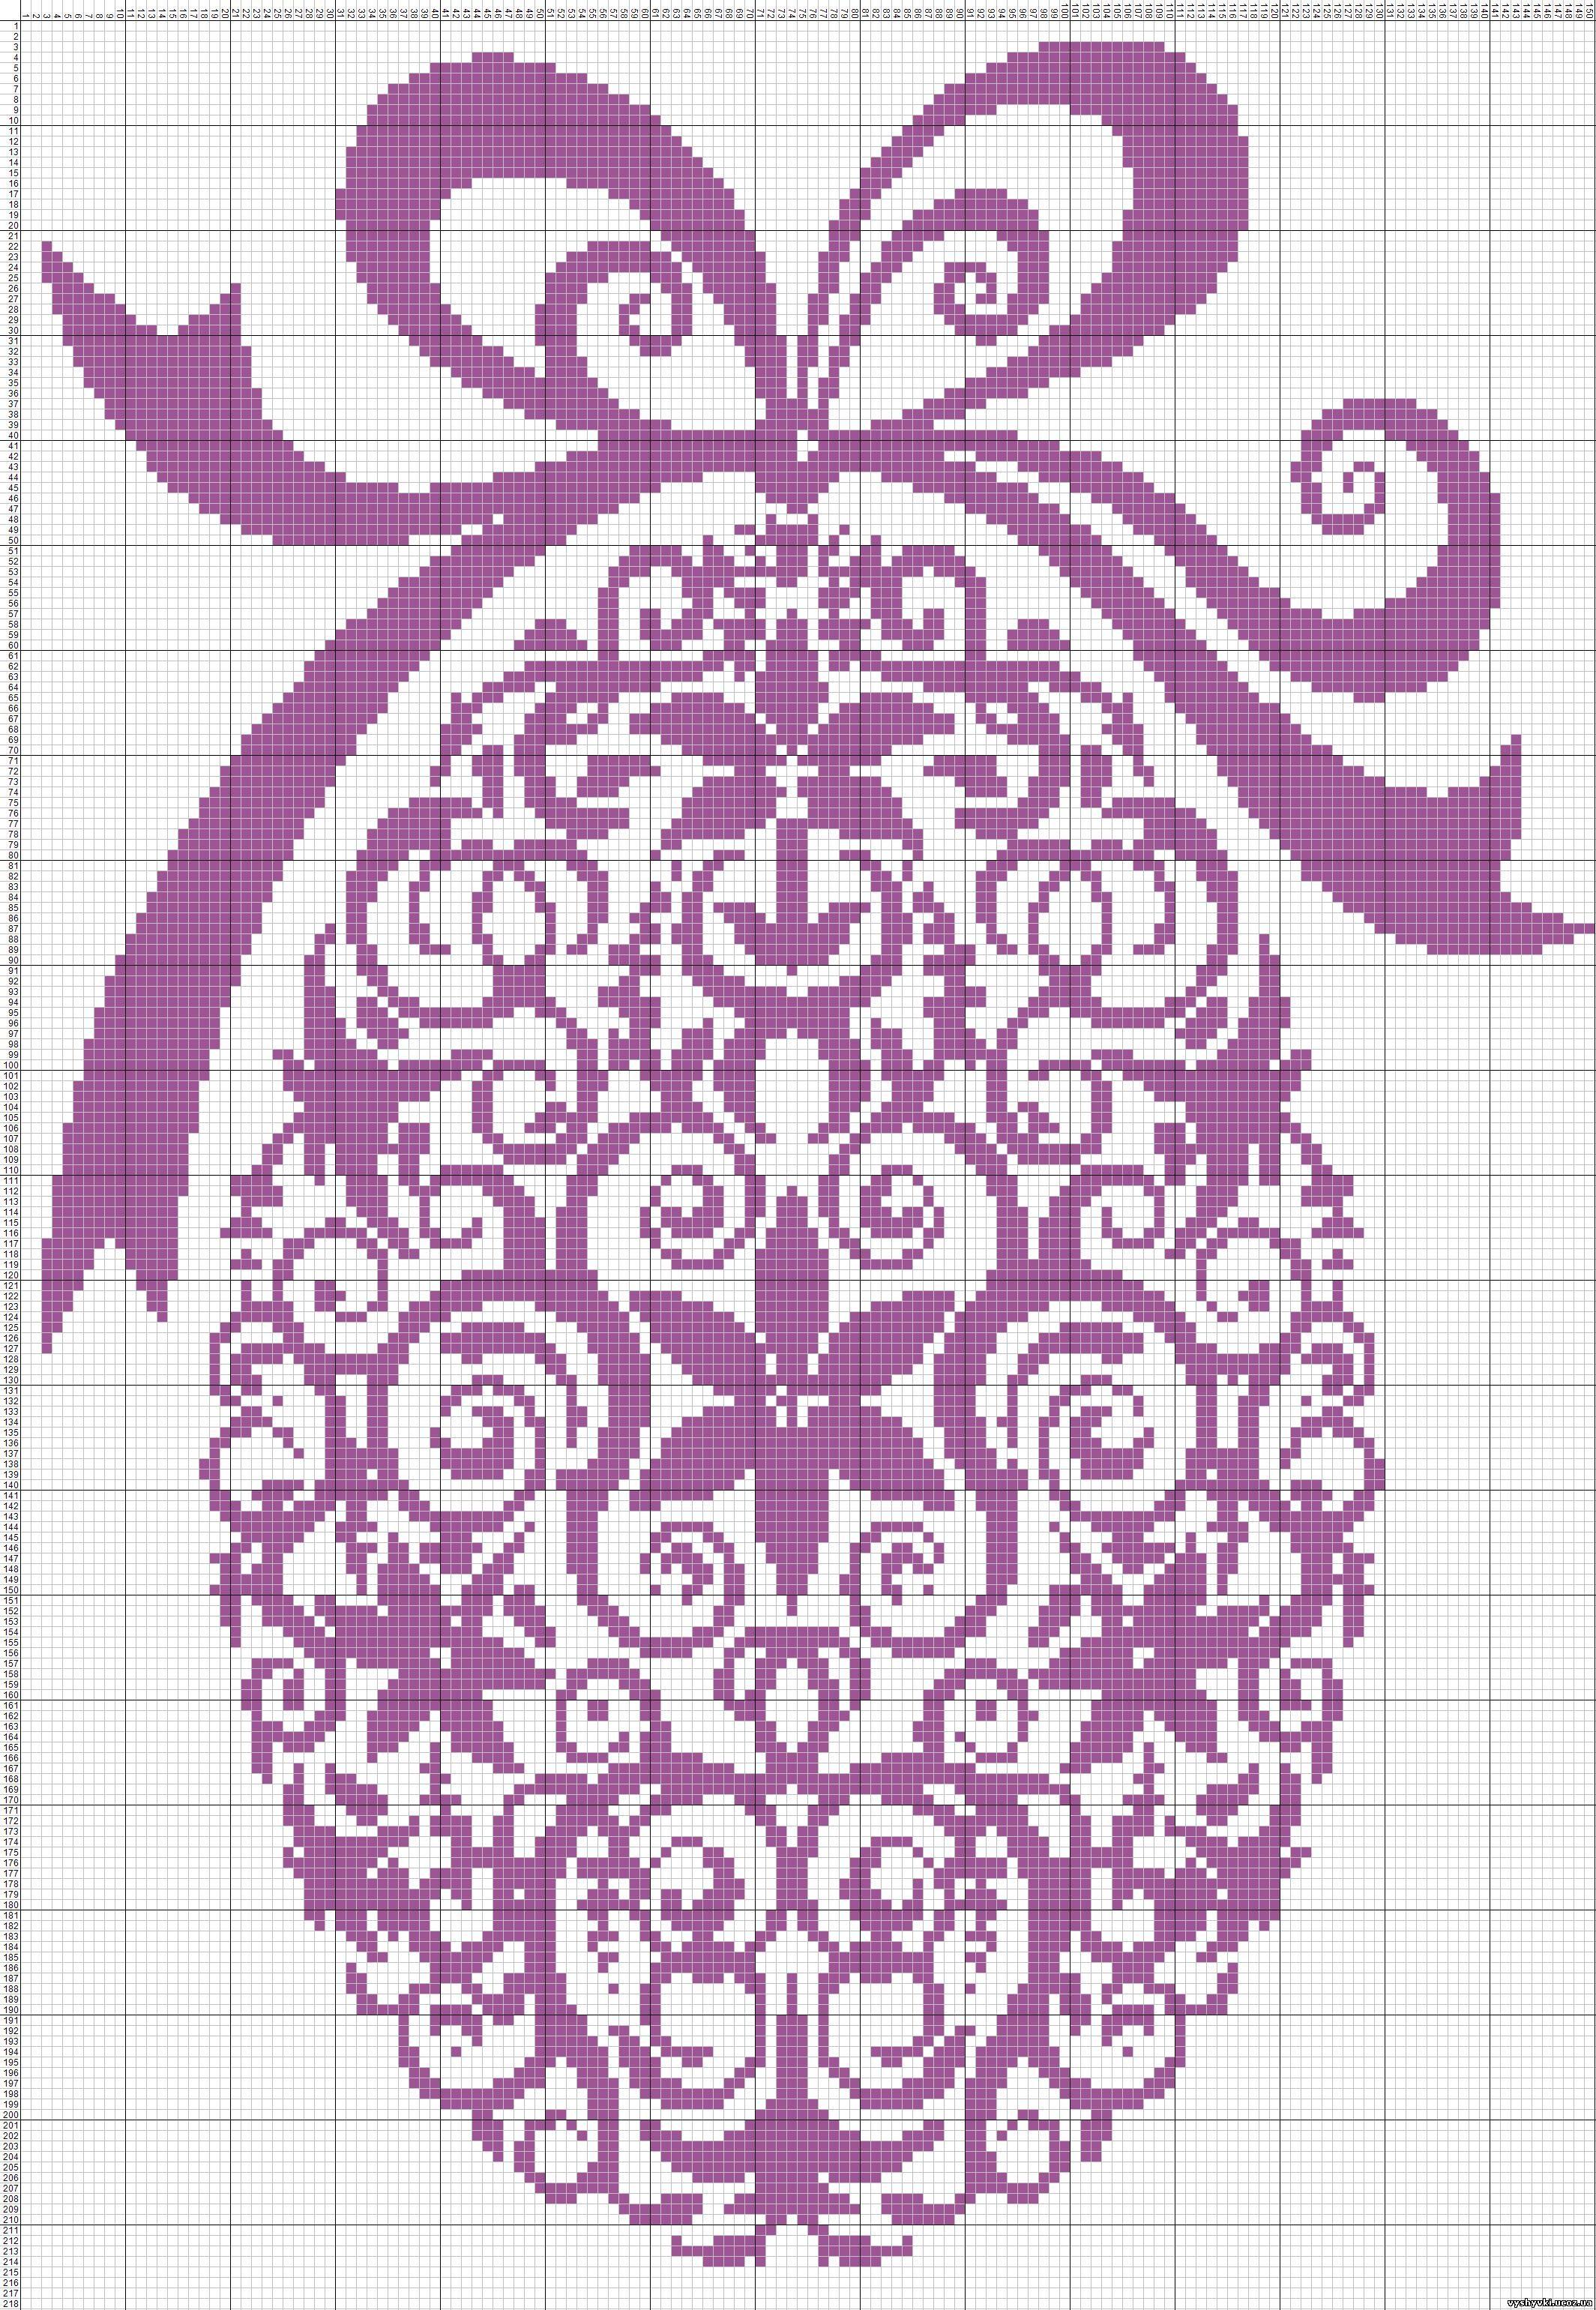 схема вышивки крестом новогодней елки